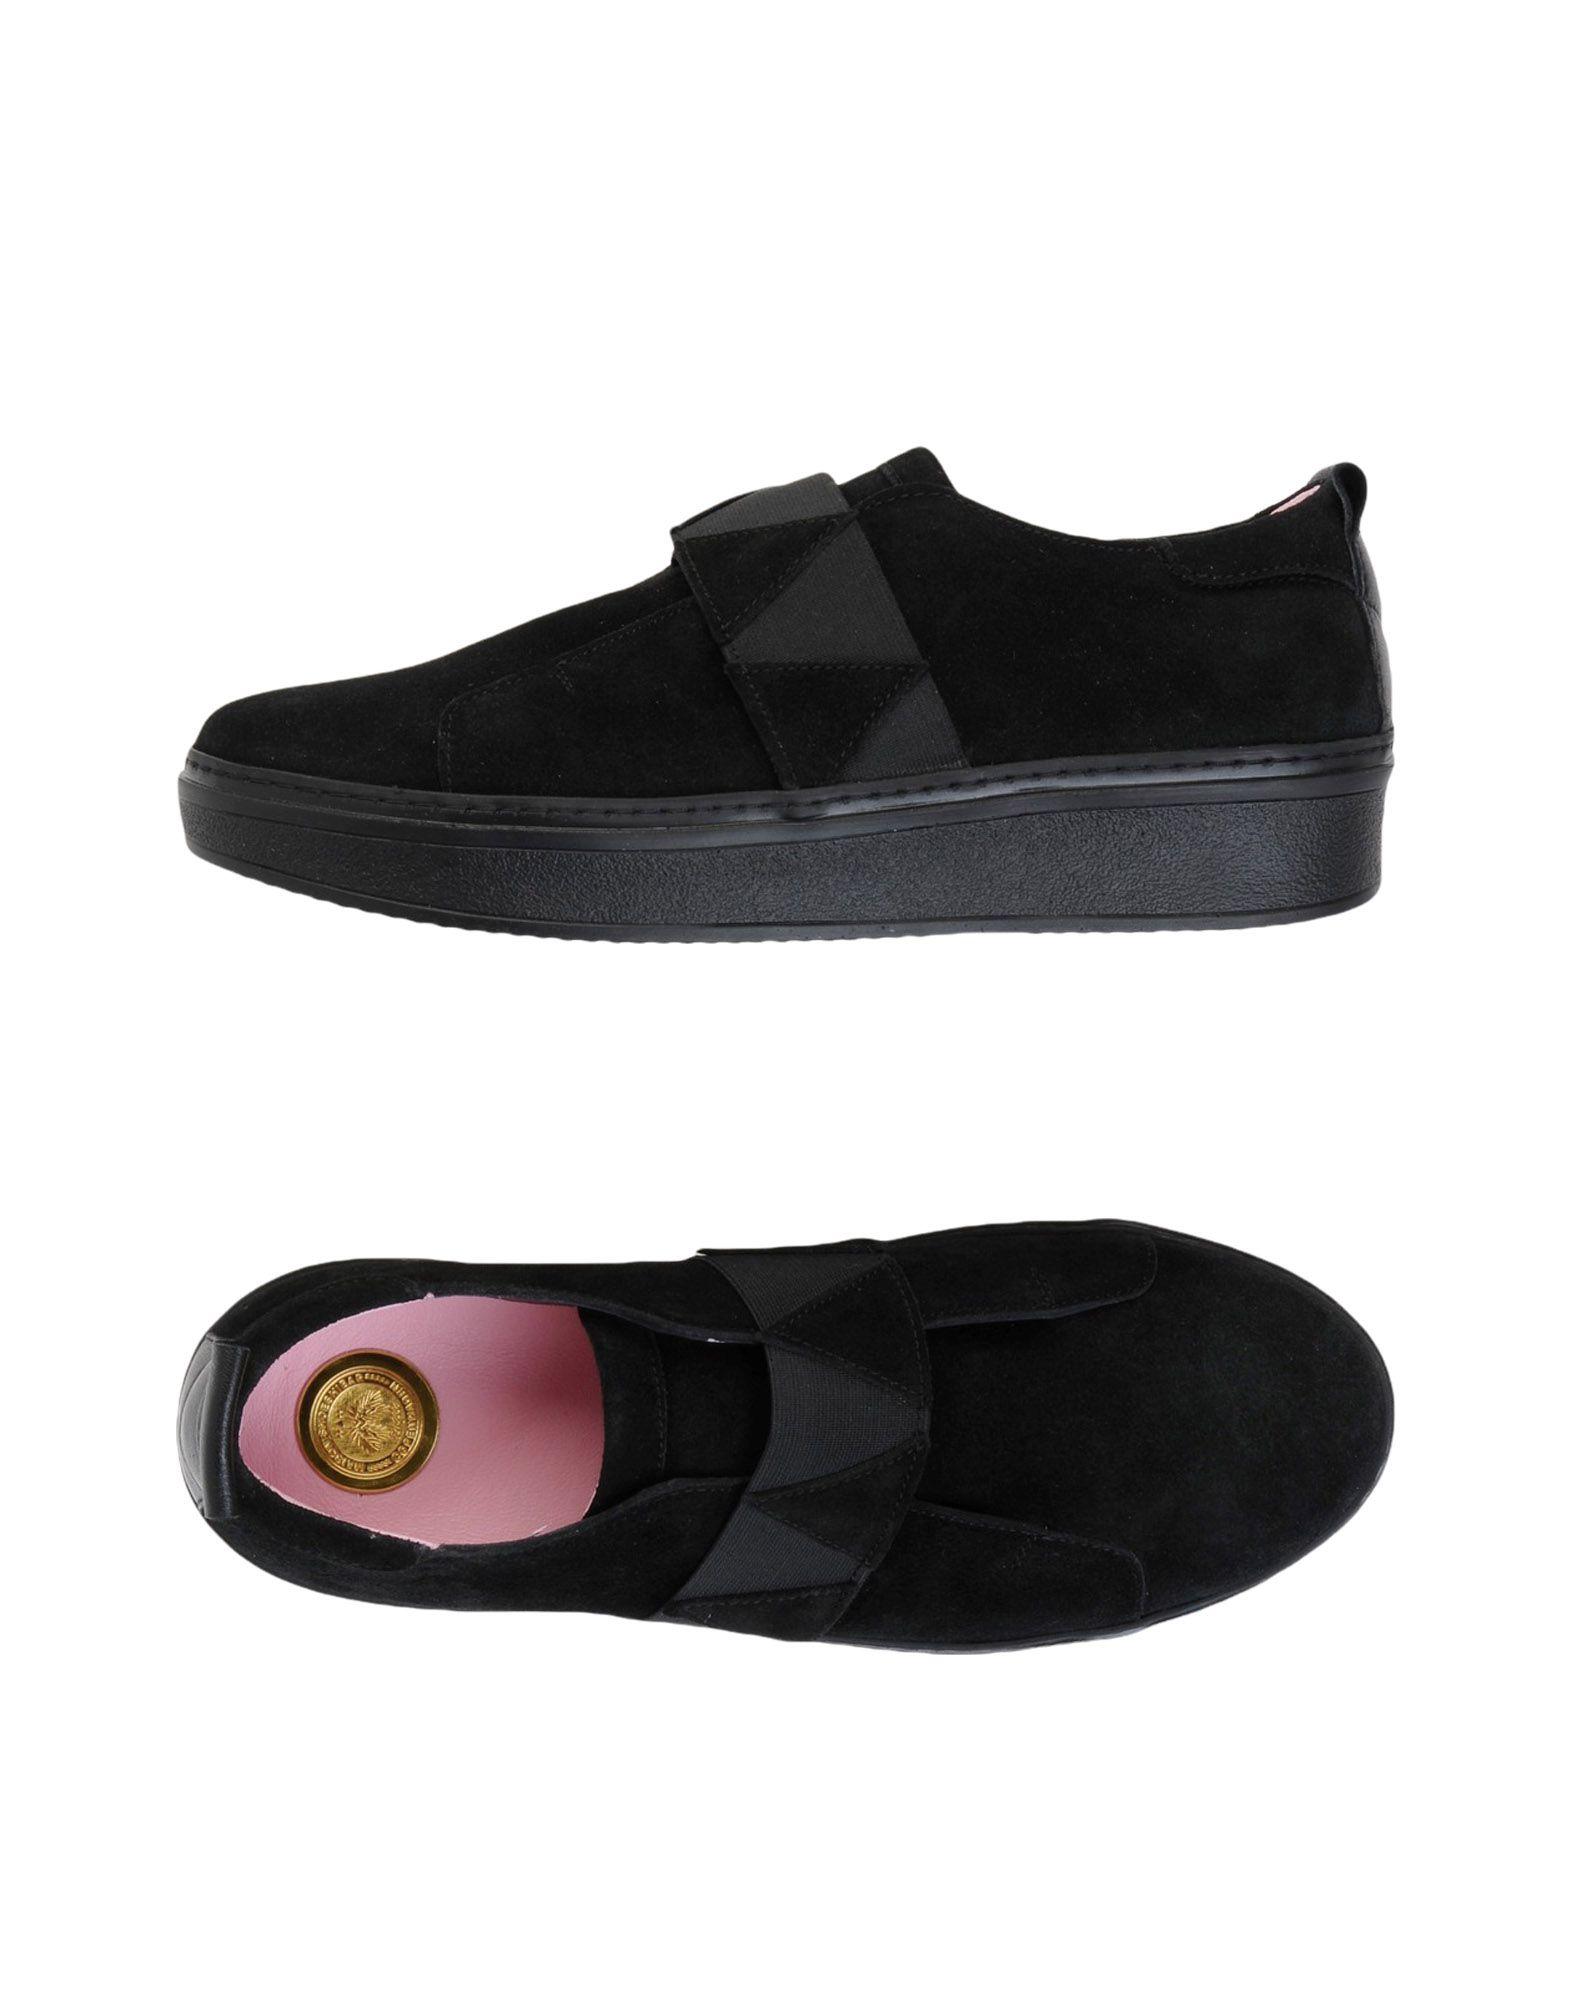 Maison Shoeshibar Sneakers Damen  11470857CS Gute Qualität beliebte Schuhe